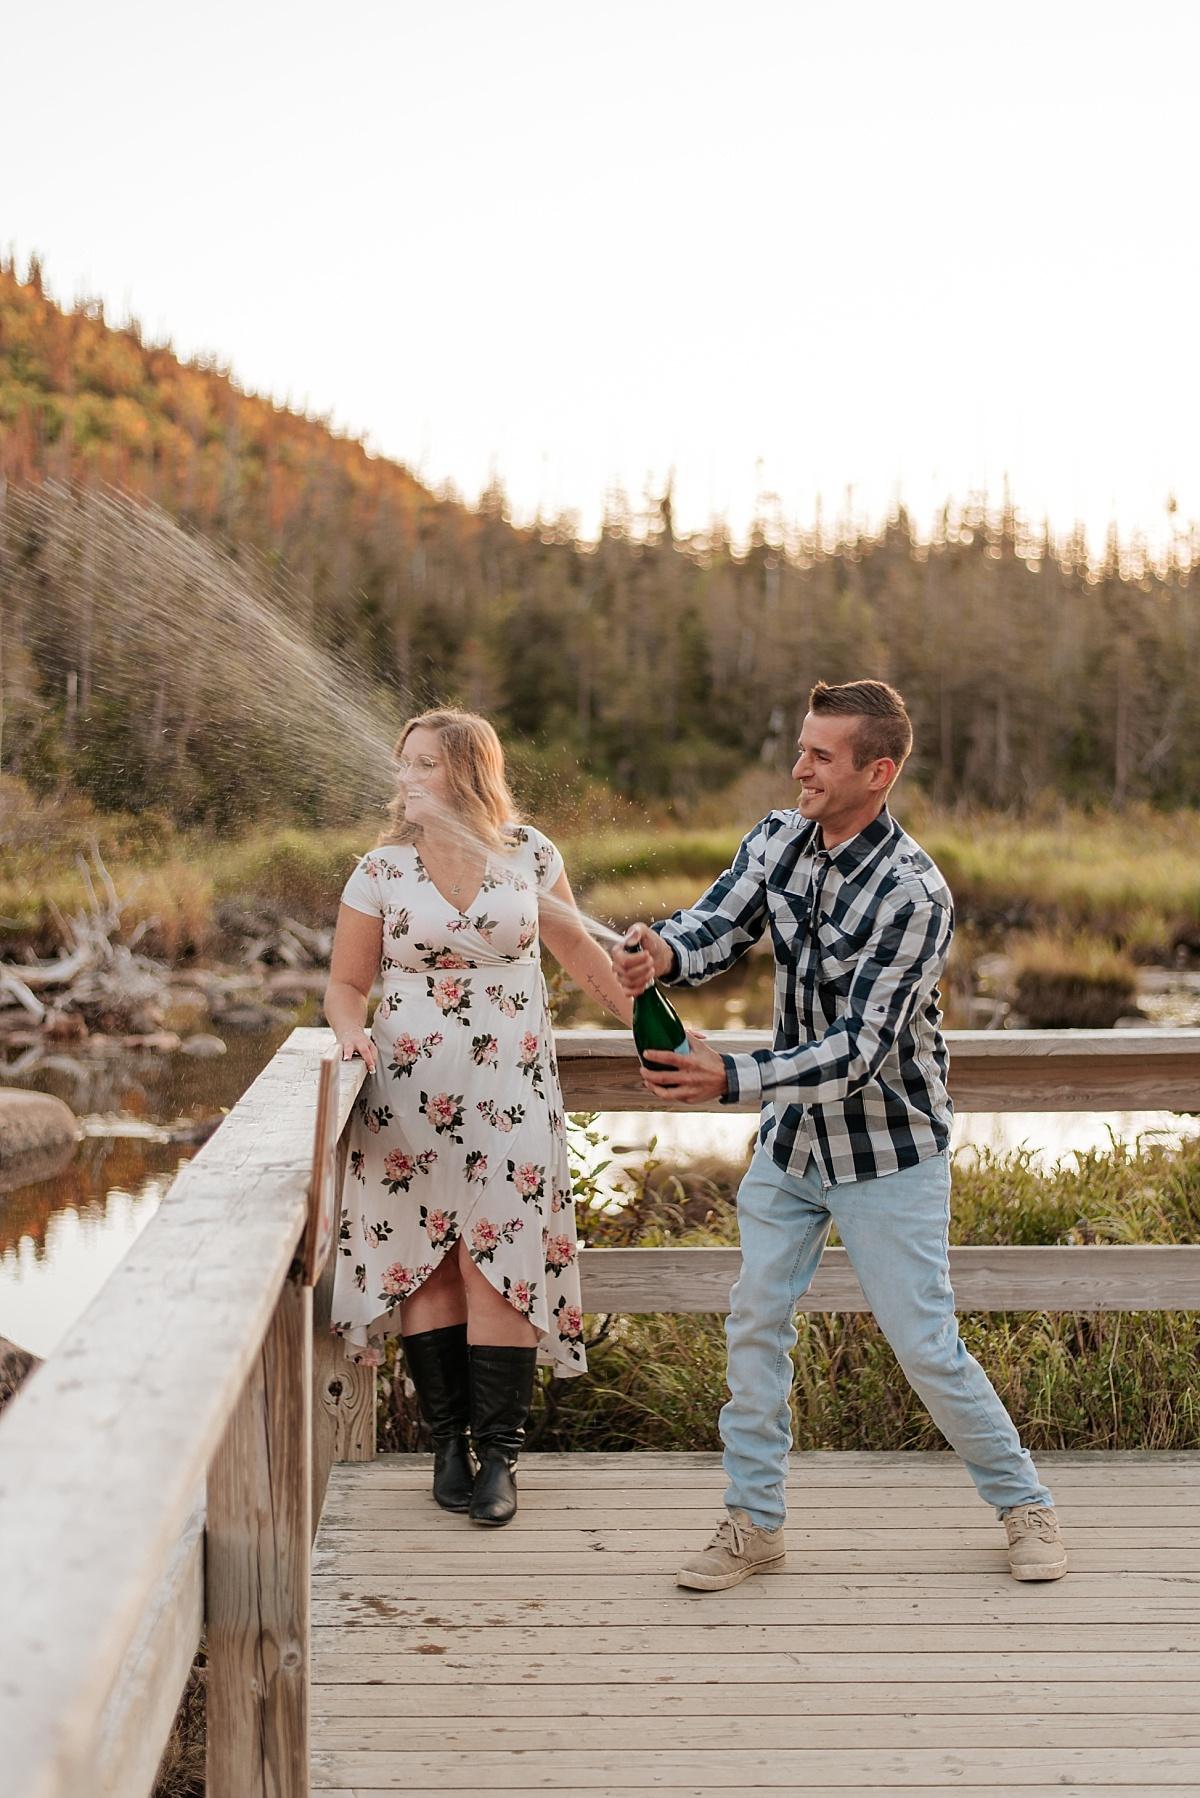 Le couple de mariés ouvre une bouteille de mousseux sur le quai après leur elopement en gaspésie.